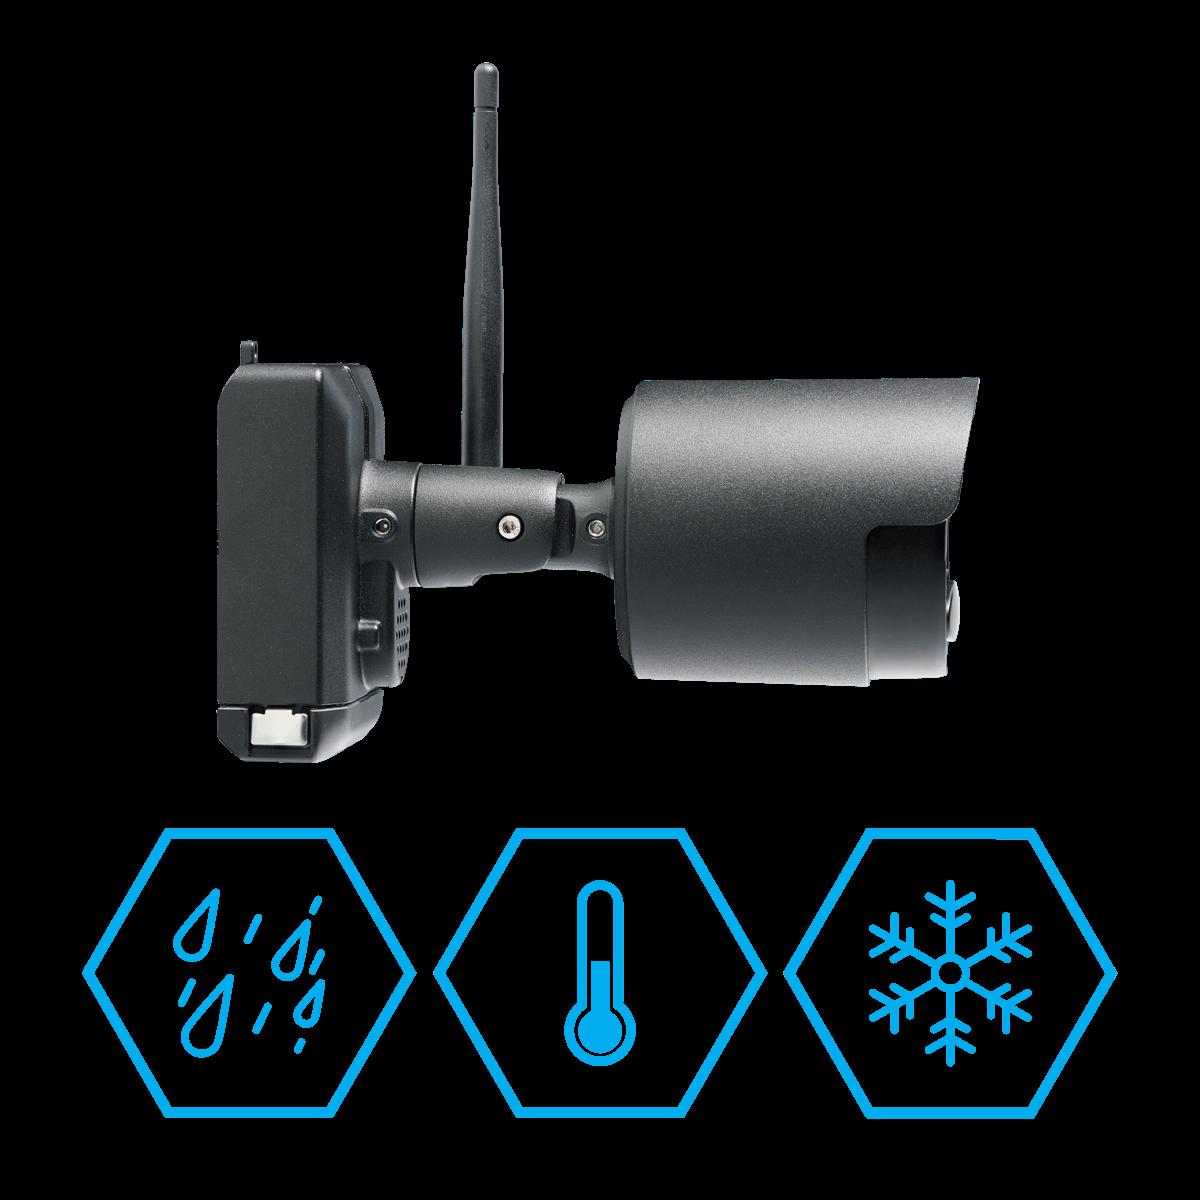 weatherproof waterproof wire-free security camera